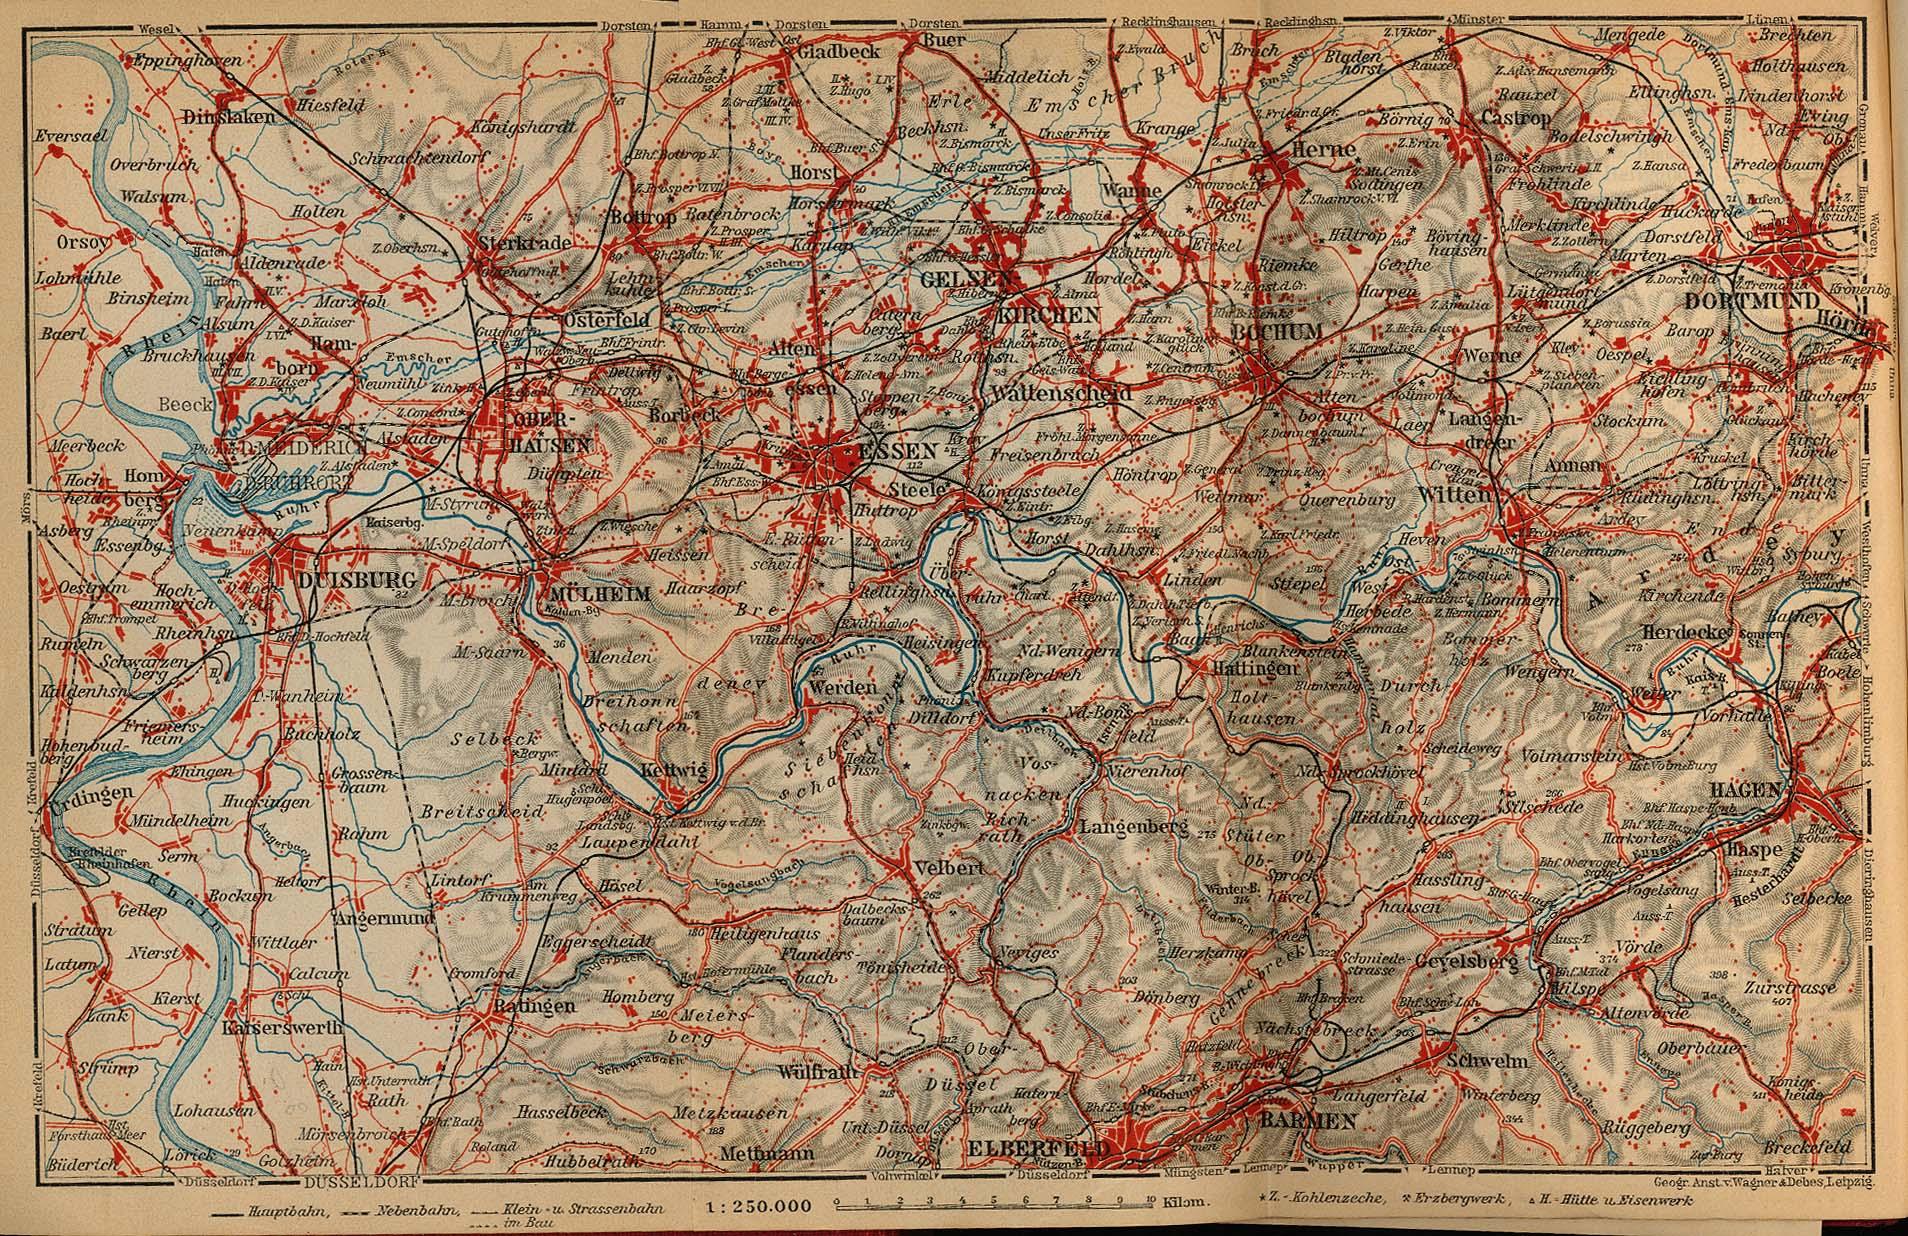 Mapa del Distrito Carbonero Renano-Westfálico, Alemania 1910